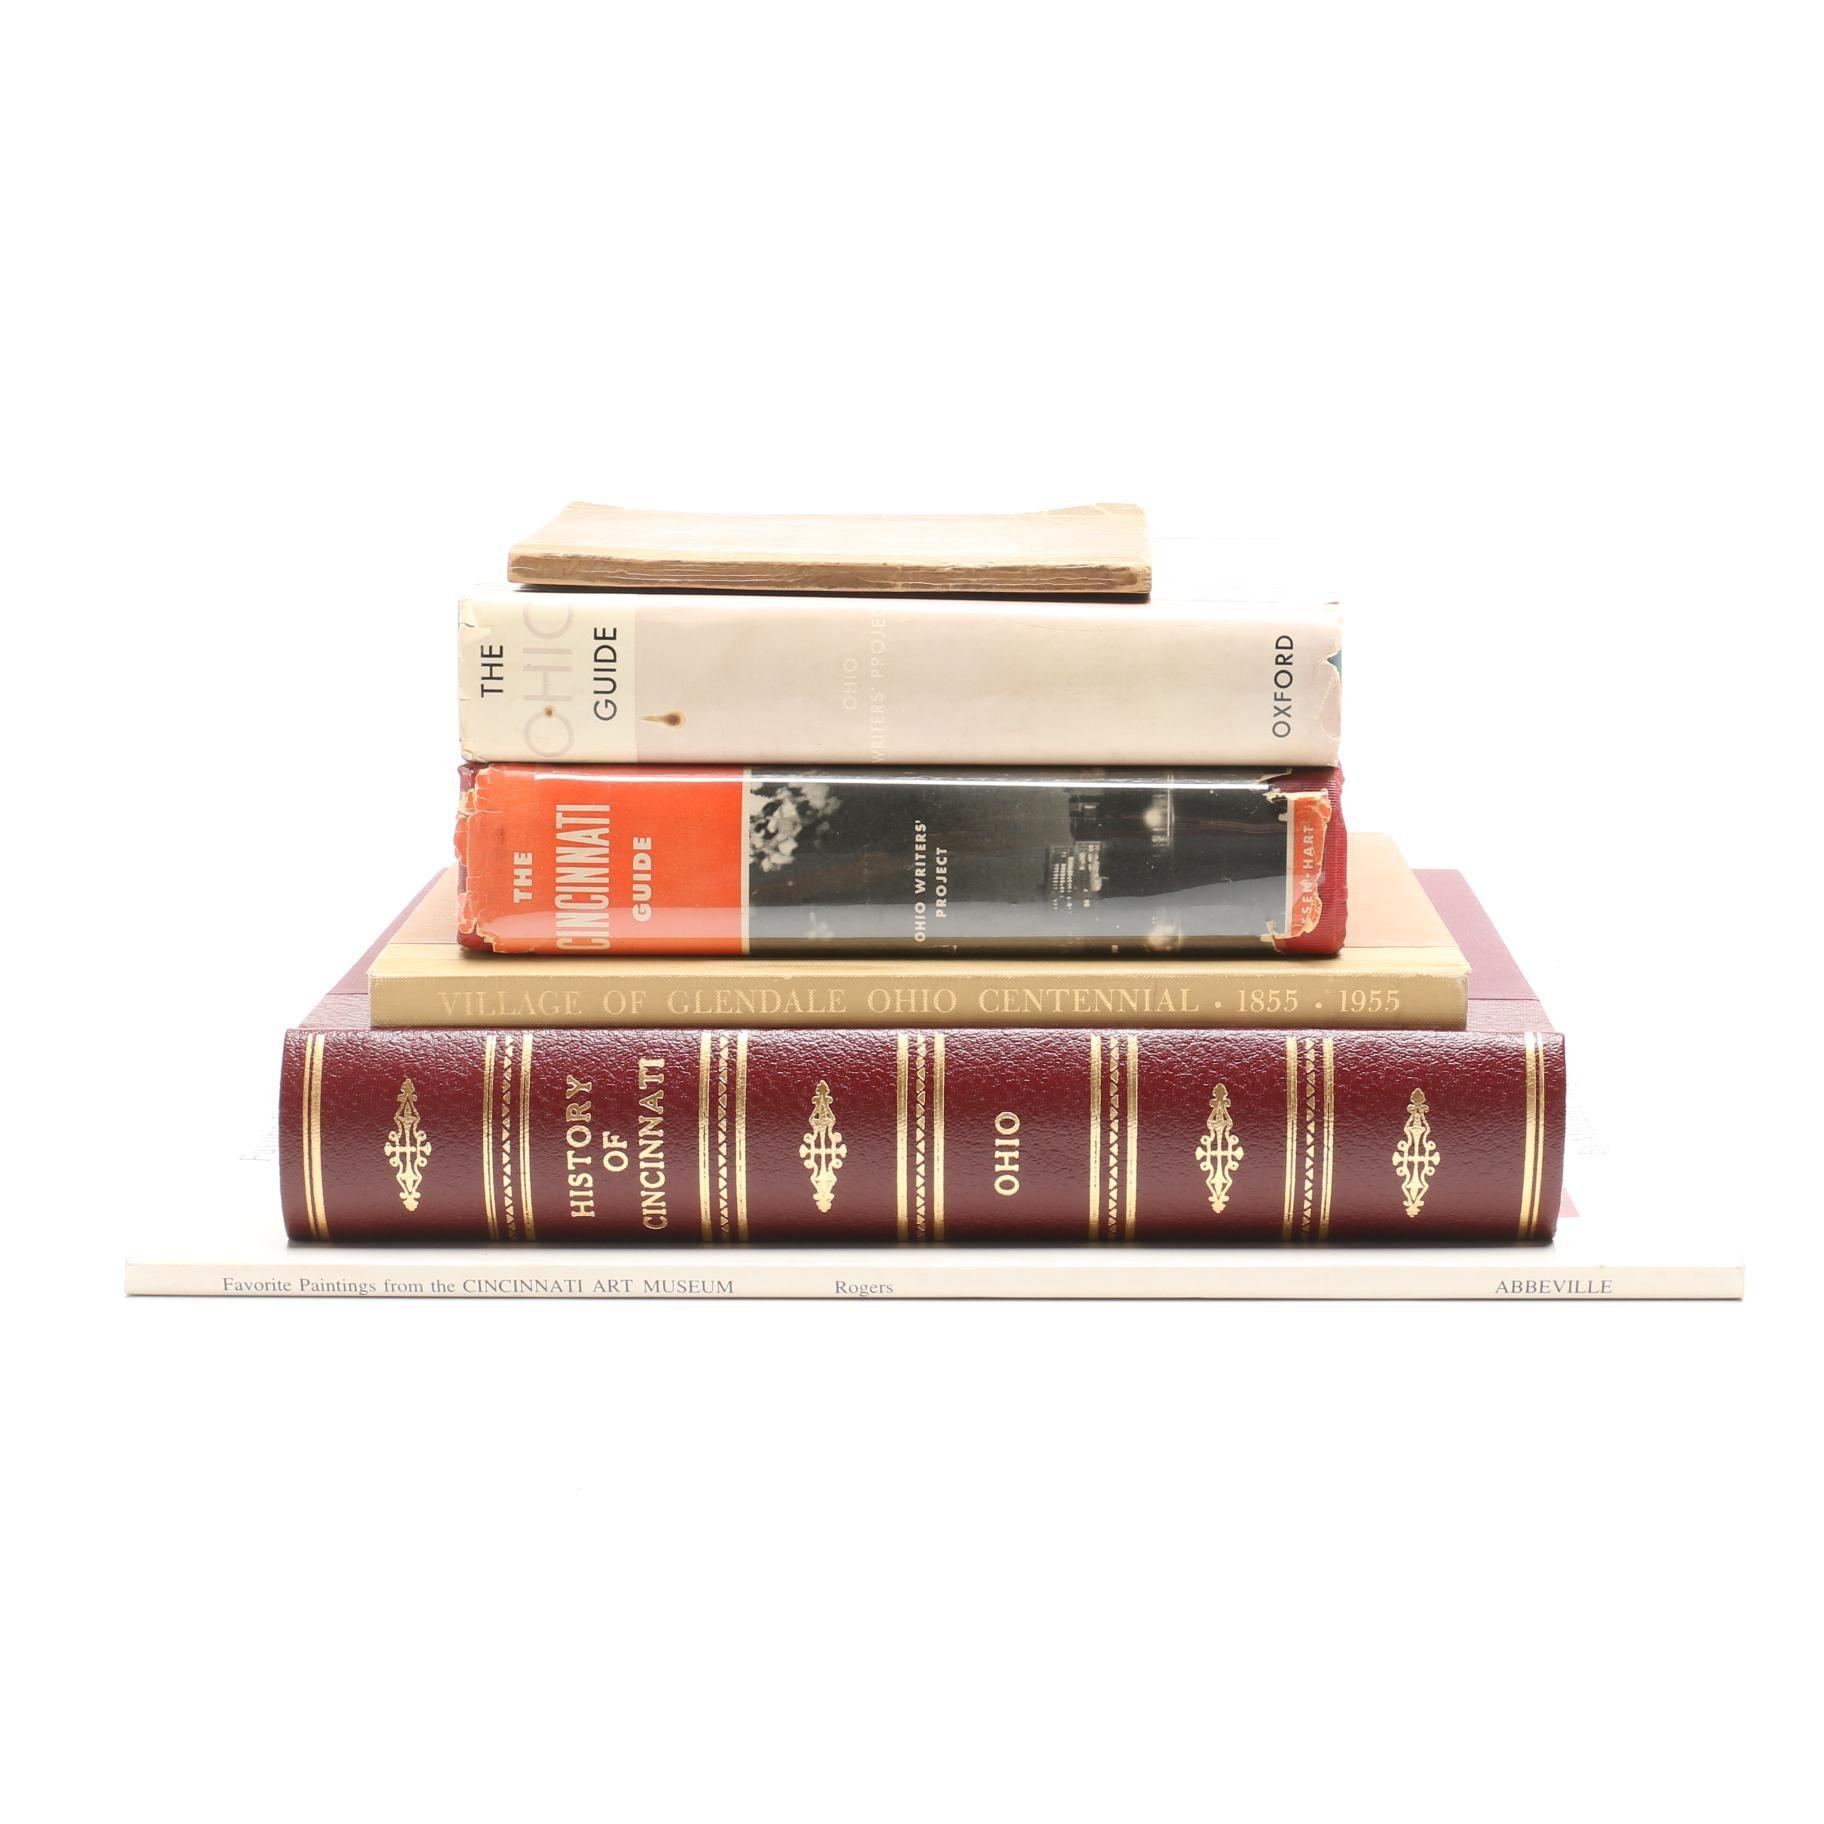 Collection of Books on Cincinnati